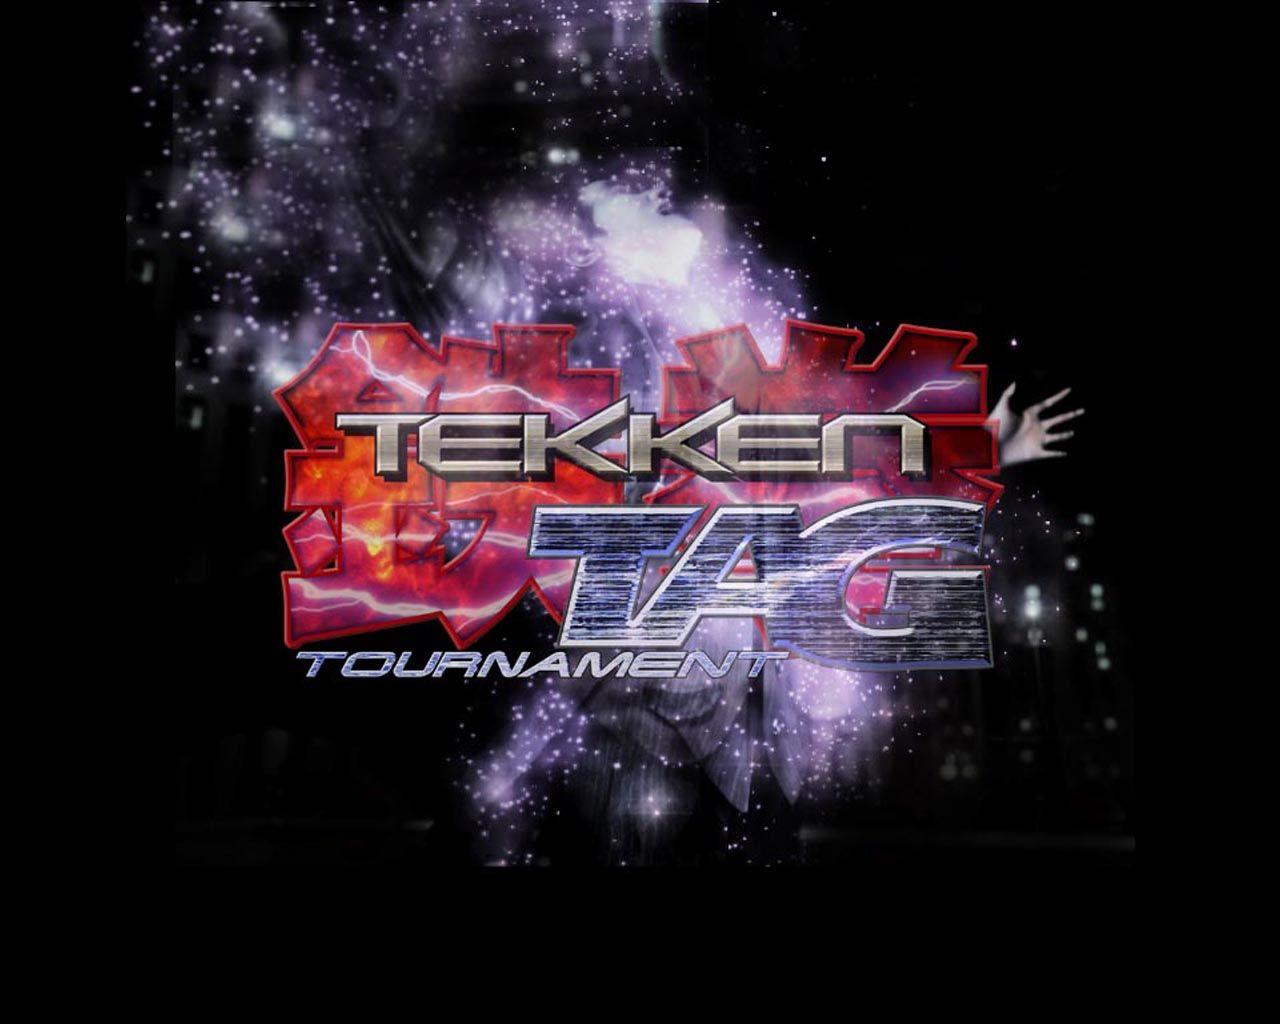 Tekken Tag Tournament PC Game Free Download Full Version ...